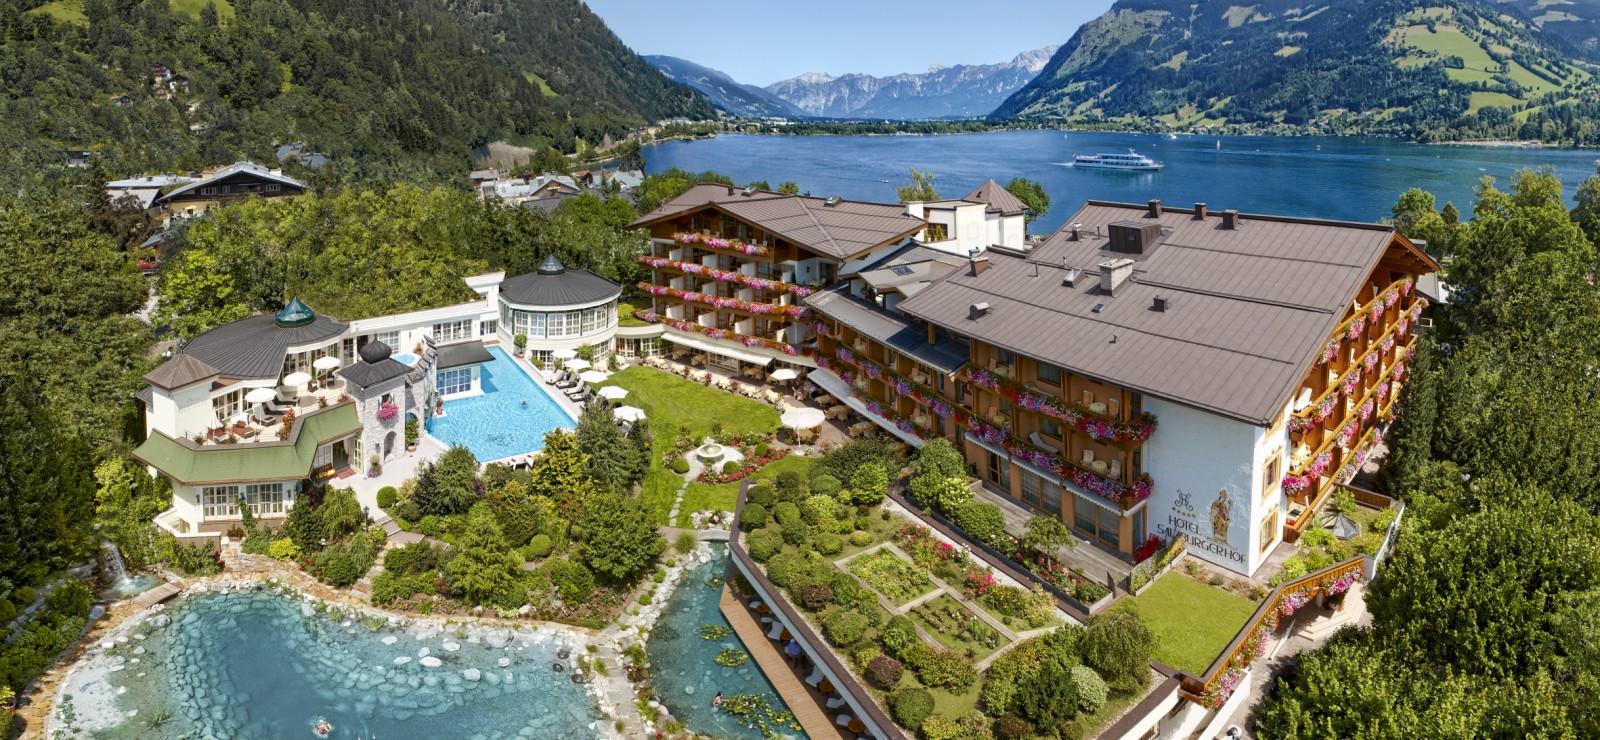 Hotel Salzburgerhof Bilder | Bild 1